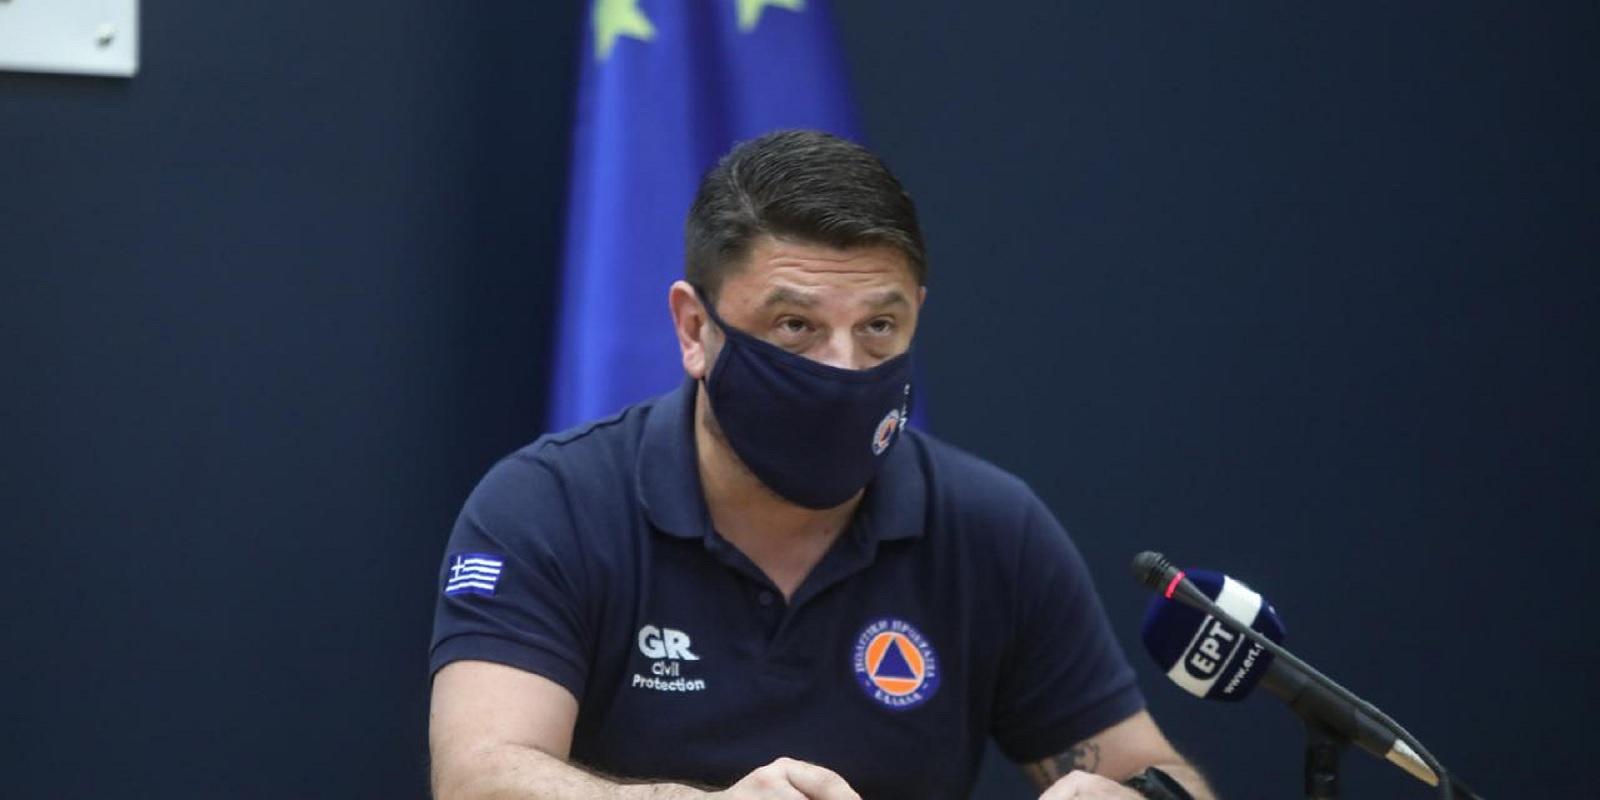 Χαρδαλιάς μάσκες κορωνοϊός: Οι αλλαγές στον χάρτη υγειονομικής ασφάλειας